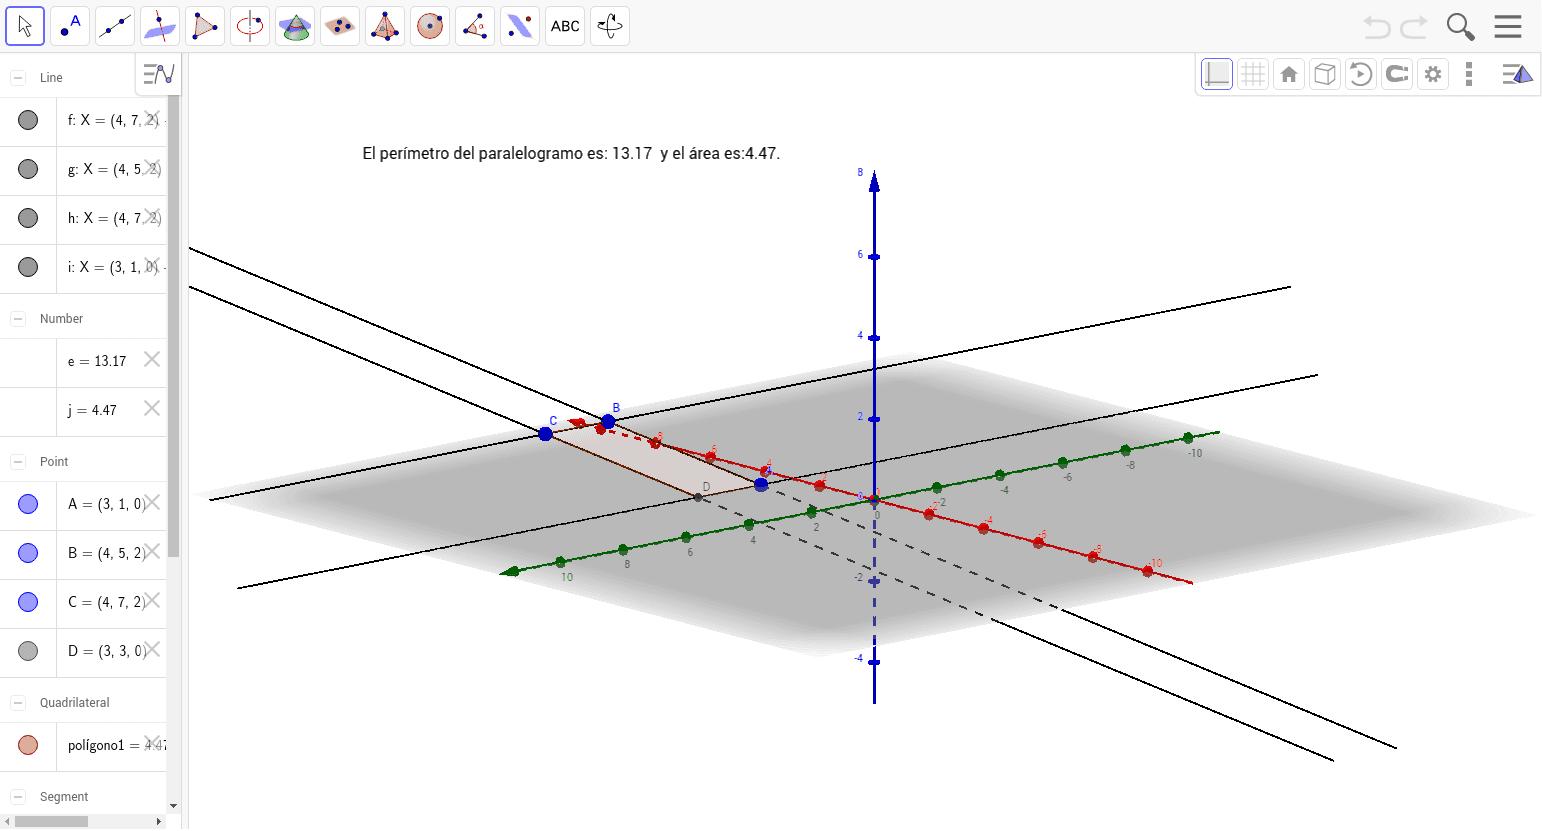 Los puntos A=(3,1,0), B=(4,5,2) y C=(4,7,2) son tres vértices consecutivos de un paralelogramo. Encuentra el cuarto vértice y calcula su perímetro y área .